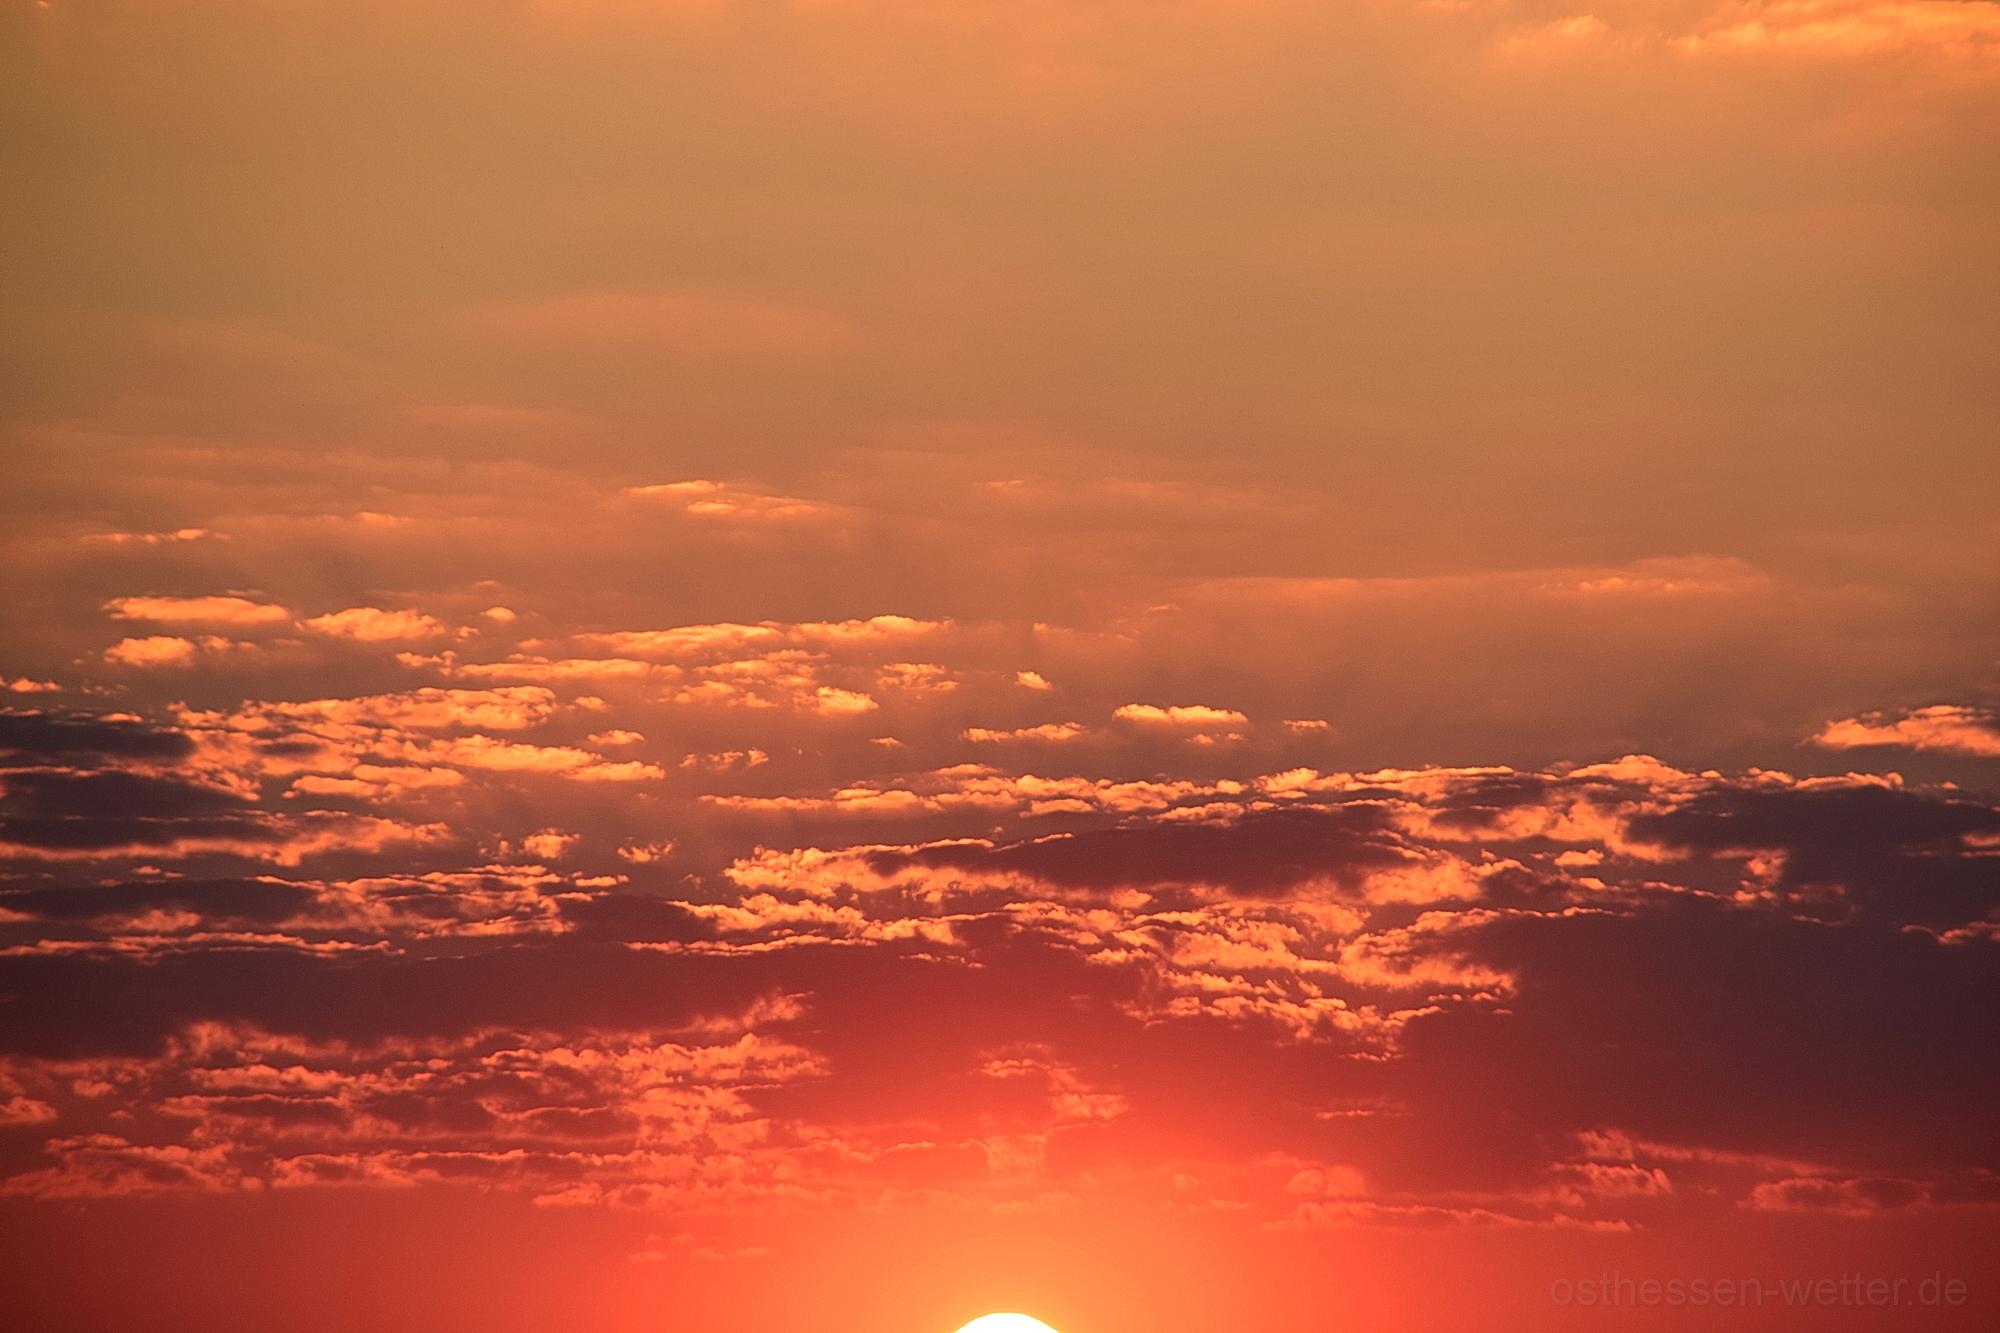 Sonnenaufgang am 09.04.2020 um 06:49:16 CEST